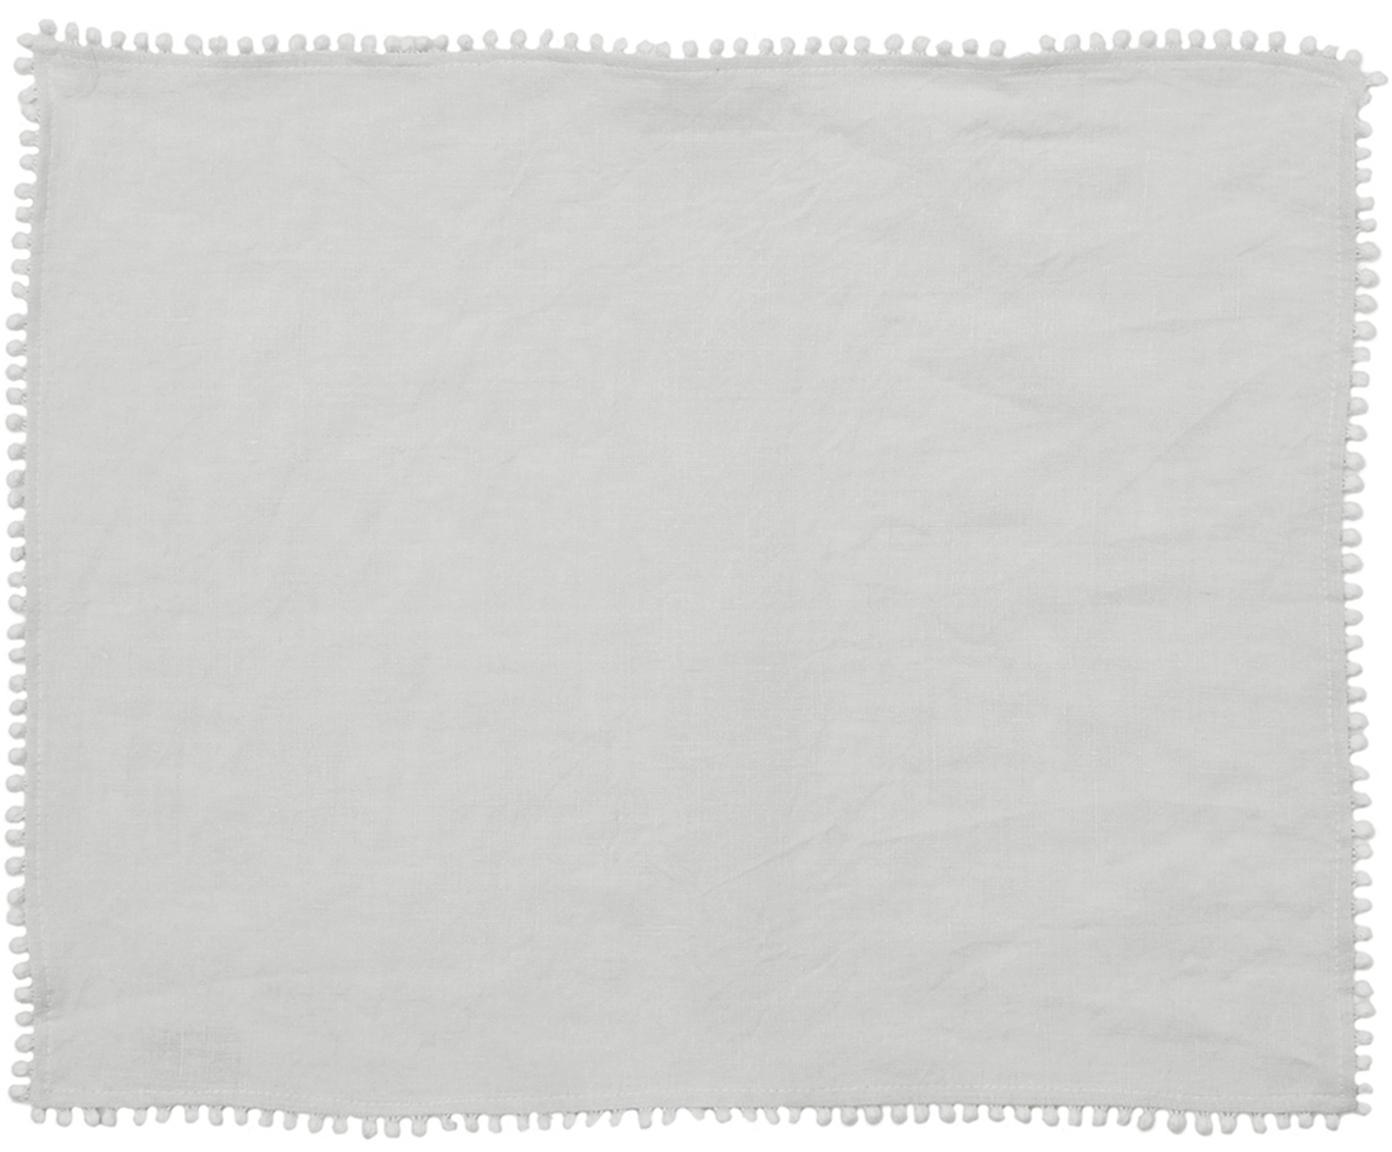 Podkładka z lnu Pom Pom, 2 szt., Len, Jasny szary, S 35 x D 45 cm